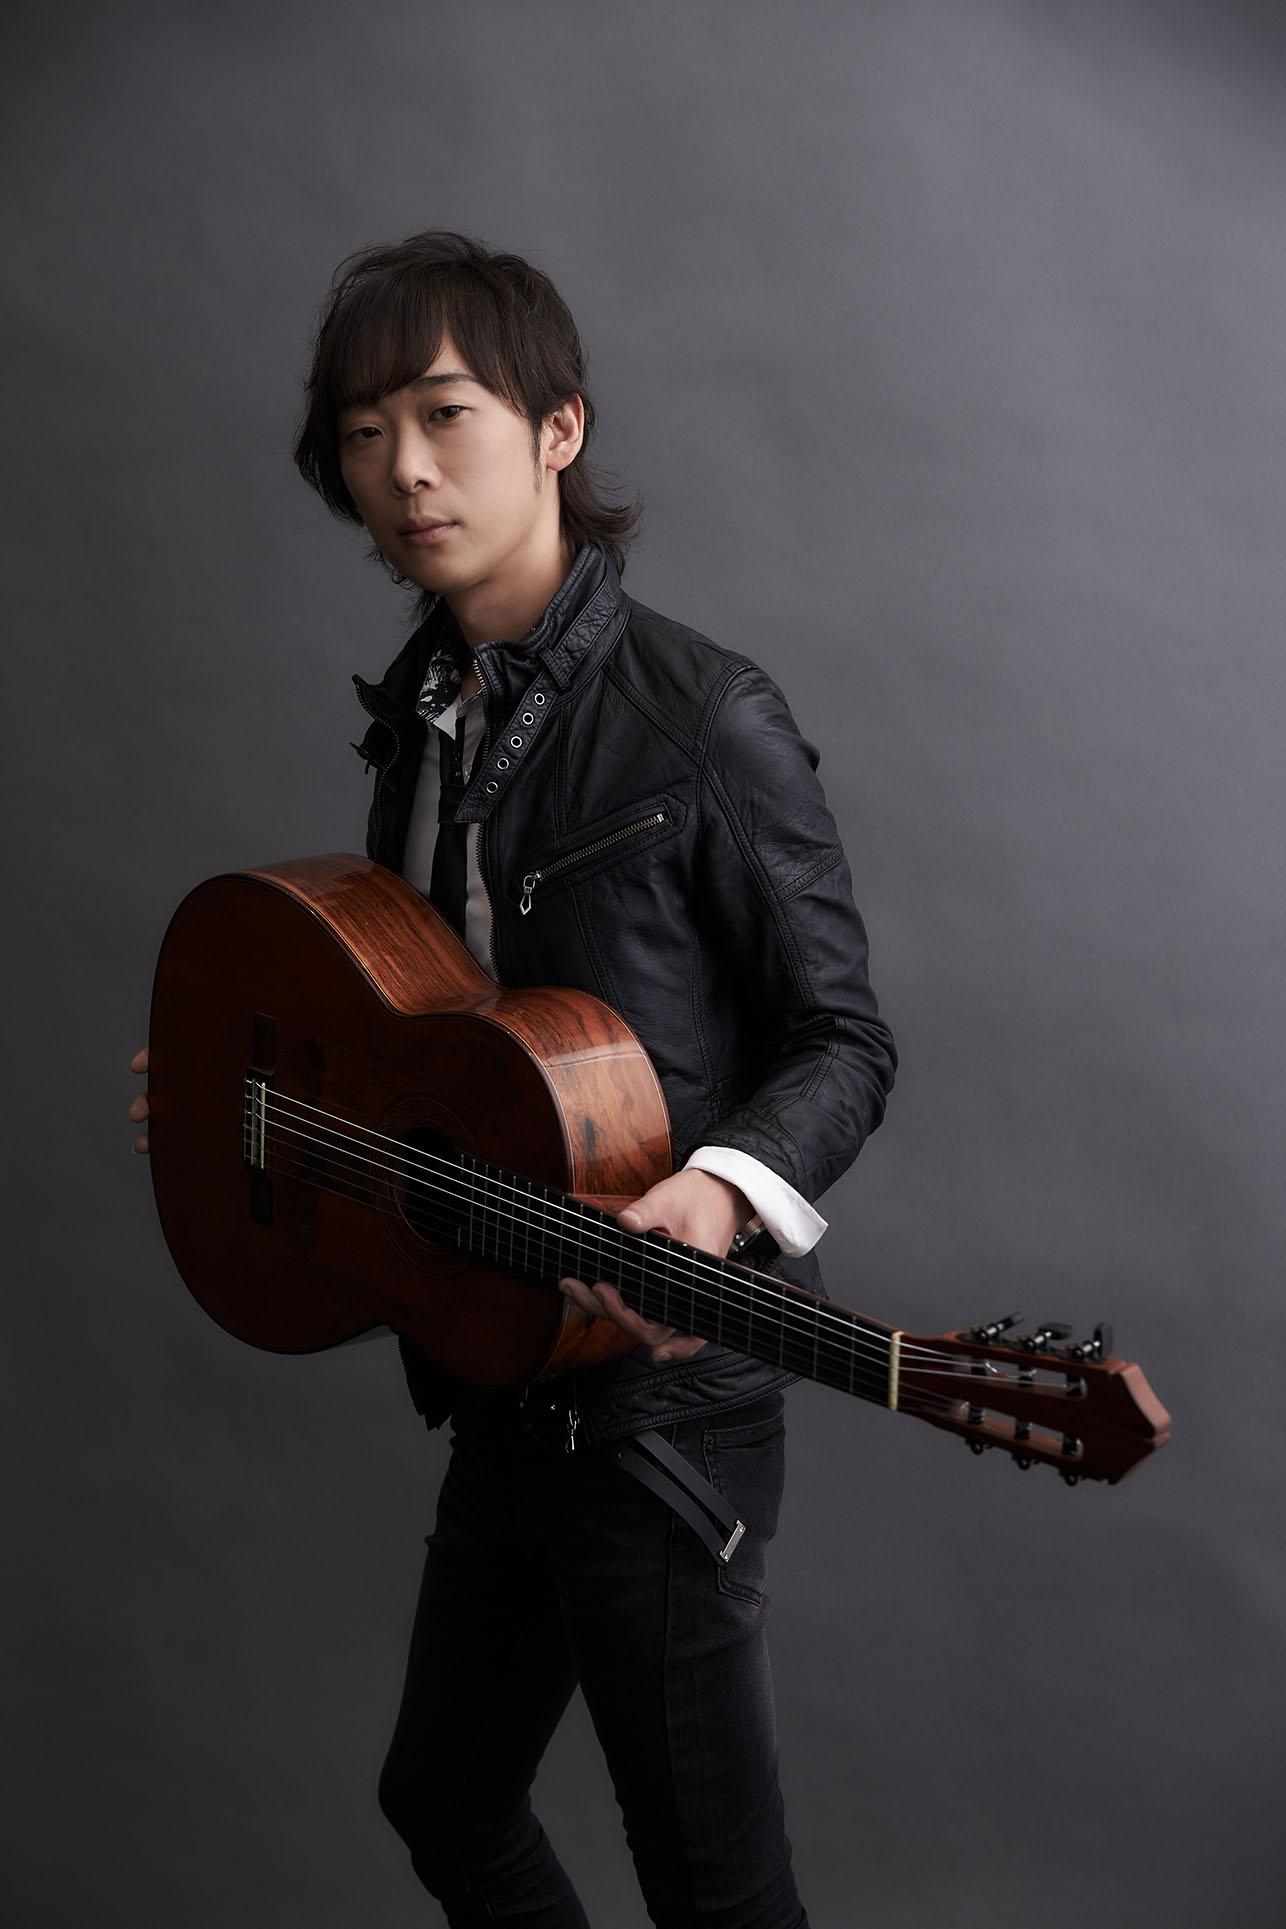 七夕の夜、君に会いたい 第三夜 木村大のあなたに届けるソロギター